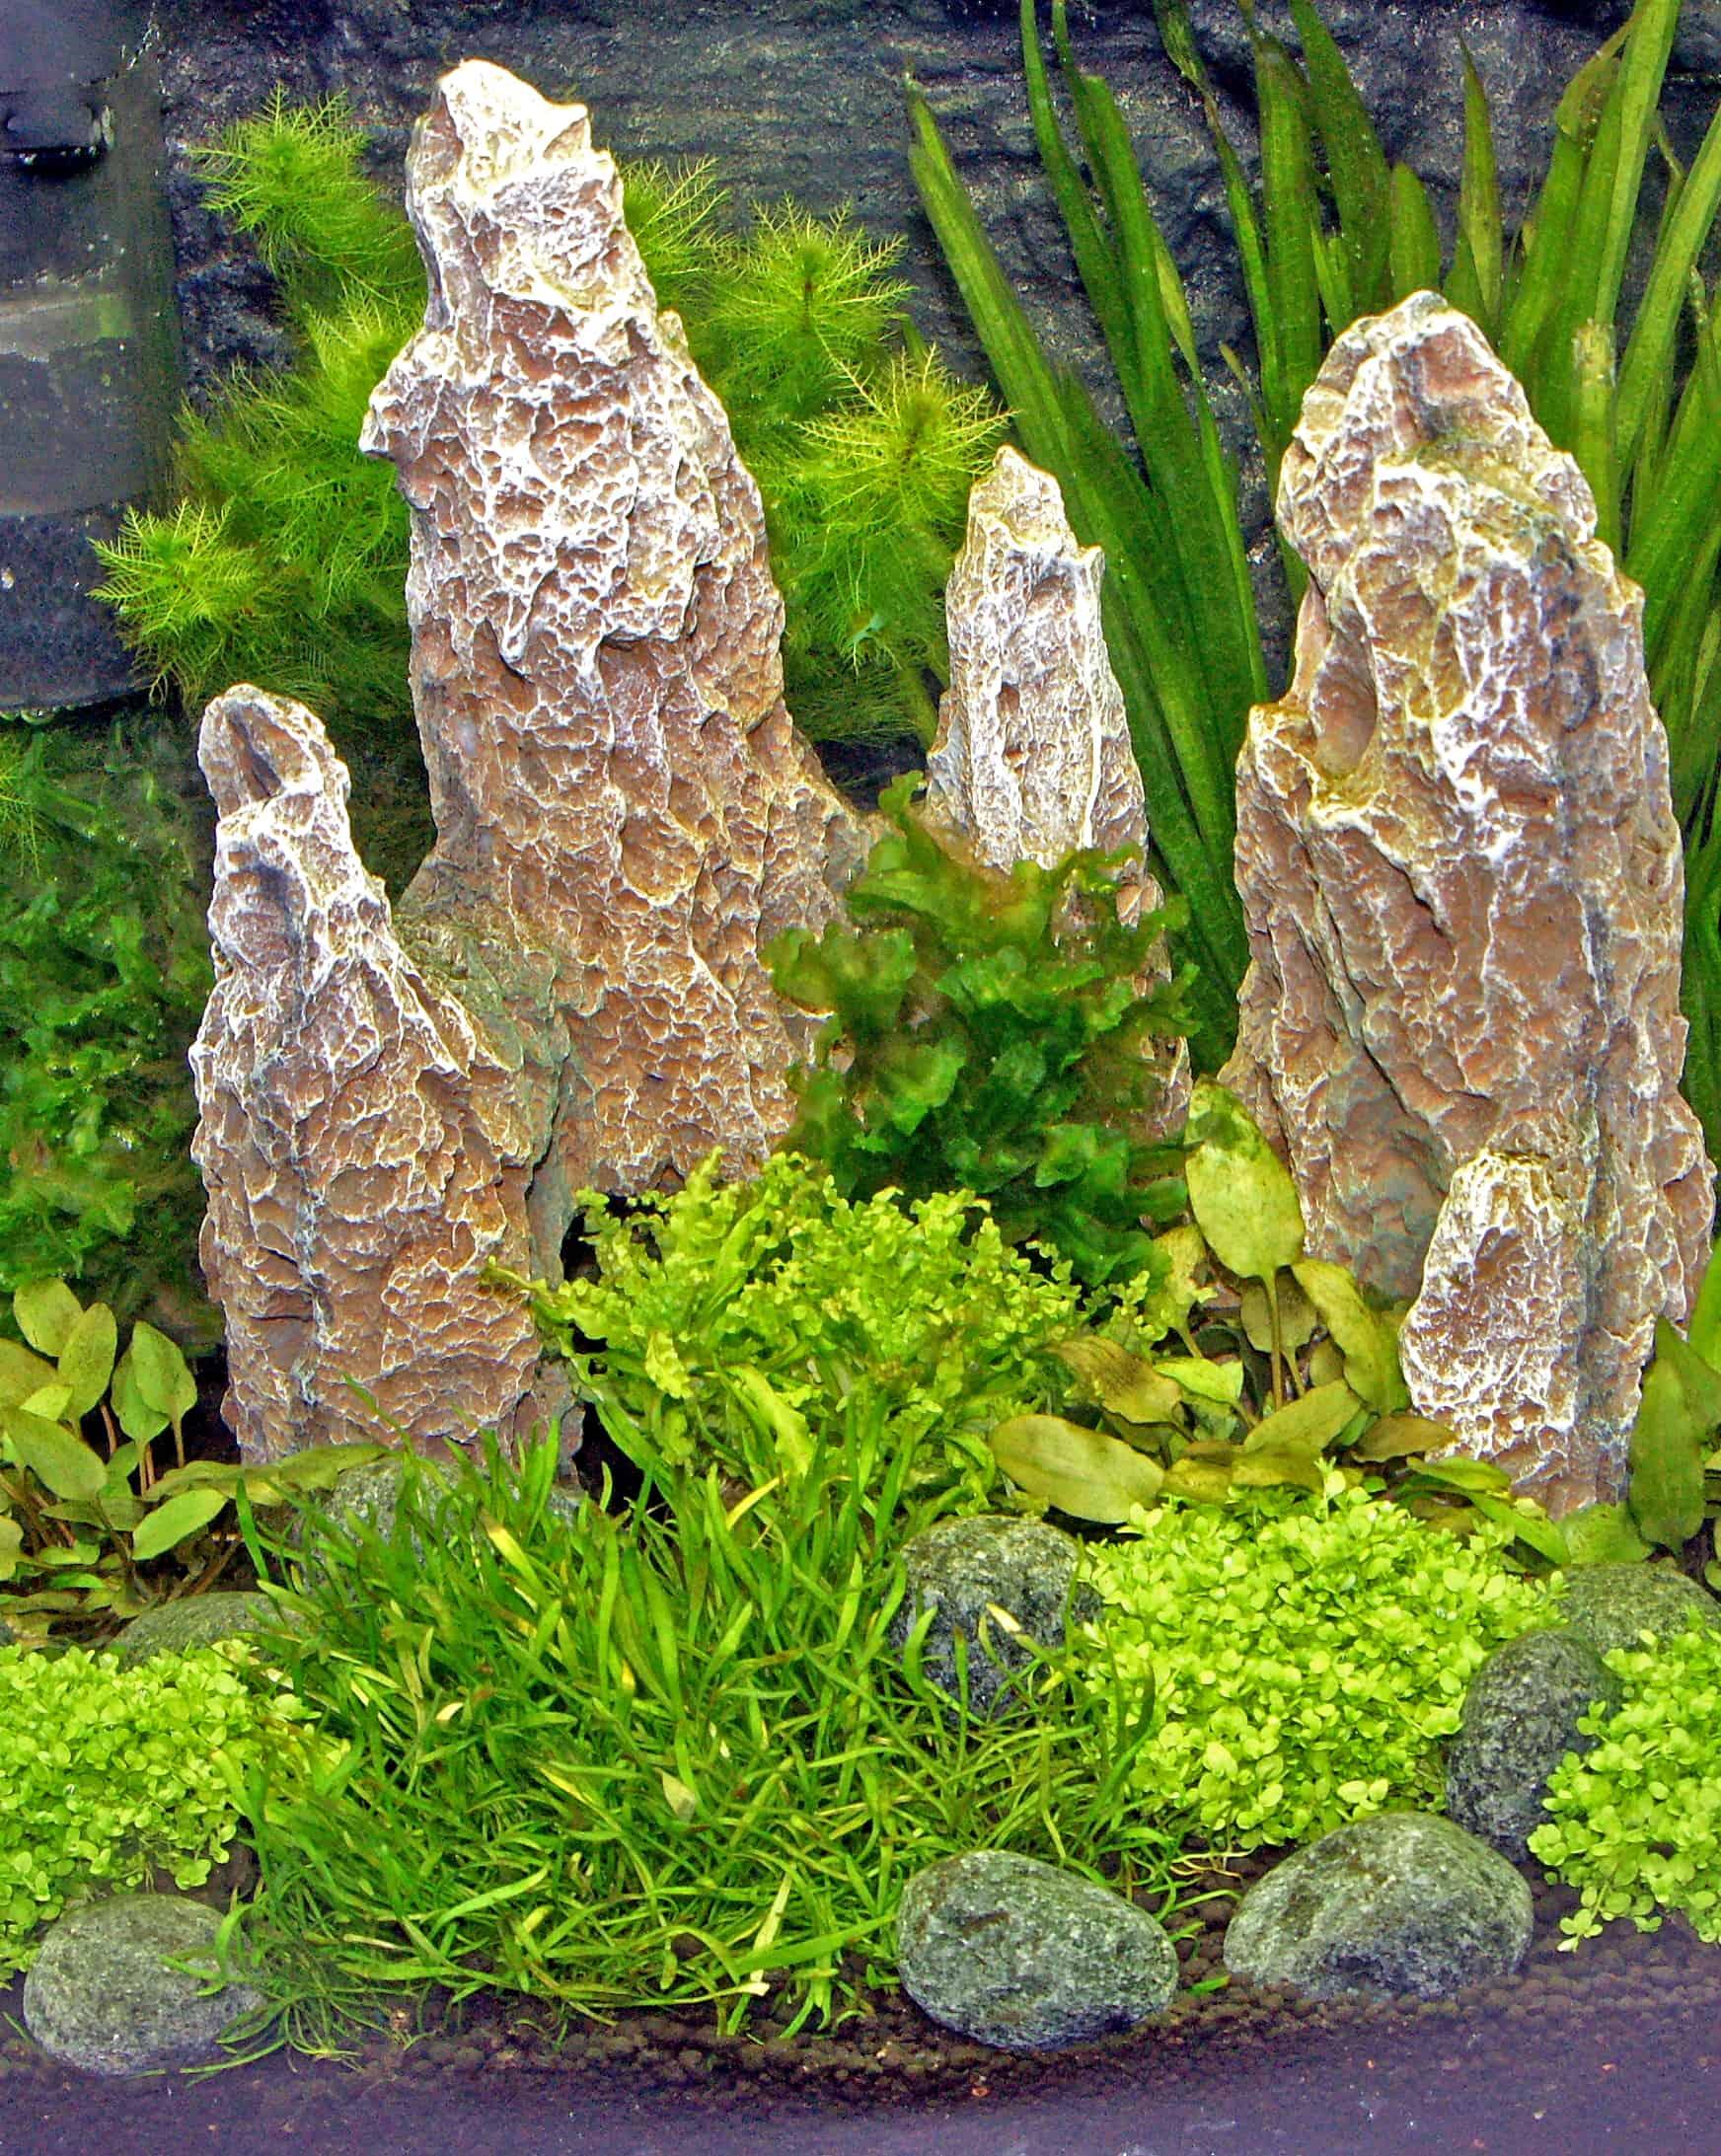 Foto: FLH. - Wachsen die Wasserpflanzen gesund und ¸üppig, gibt es auch weniger Algenprobleme.